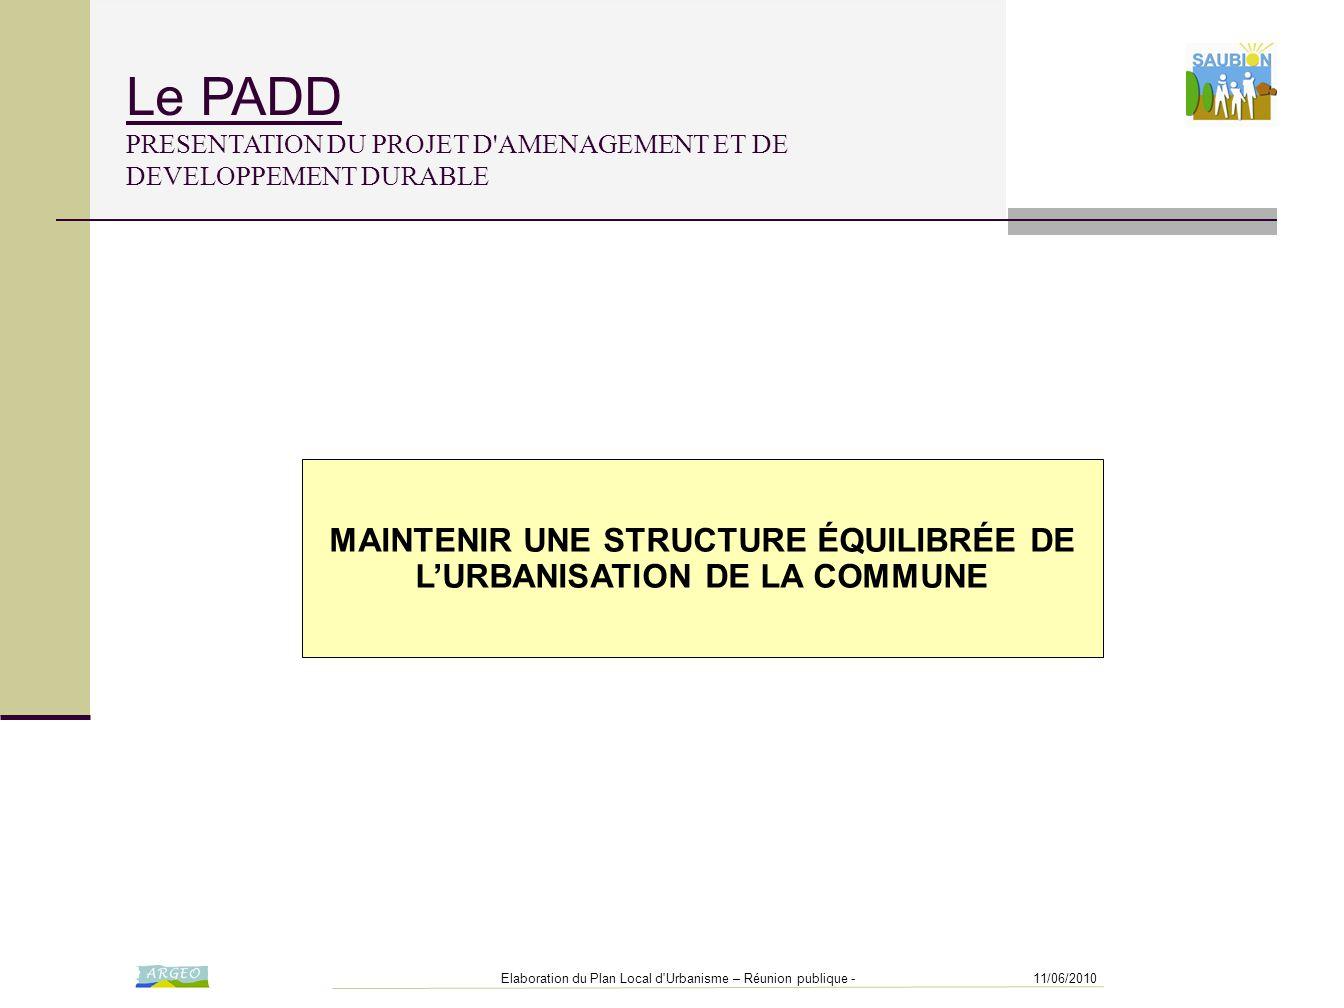 MAINTENIR UNE STRUCTURE ÉQUILIBRÉE DE L'URBANISATION DE LA COMMUNE